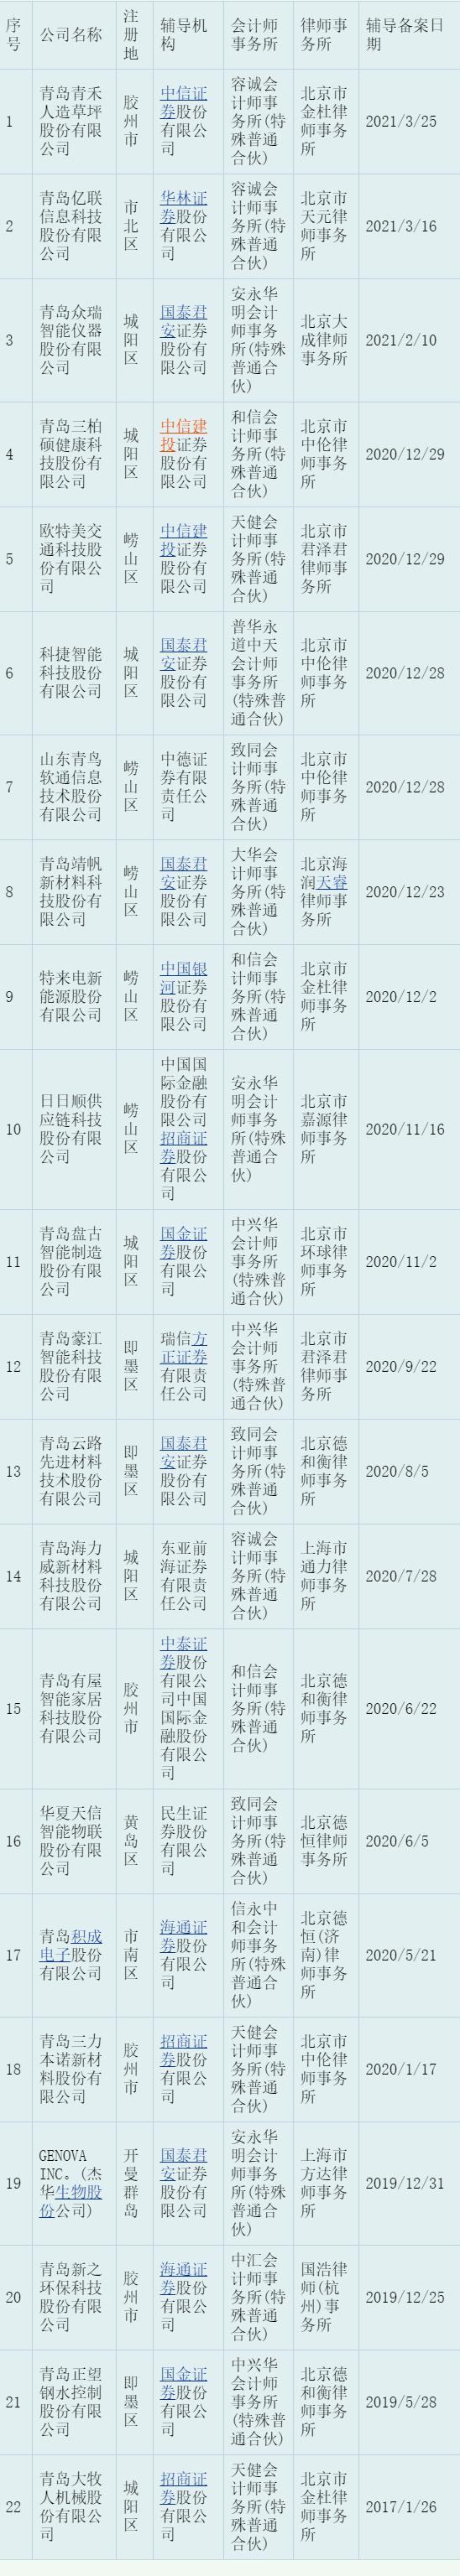 3月底 青島轄區共有22家上市輔導備案企業